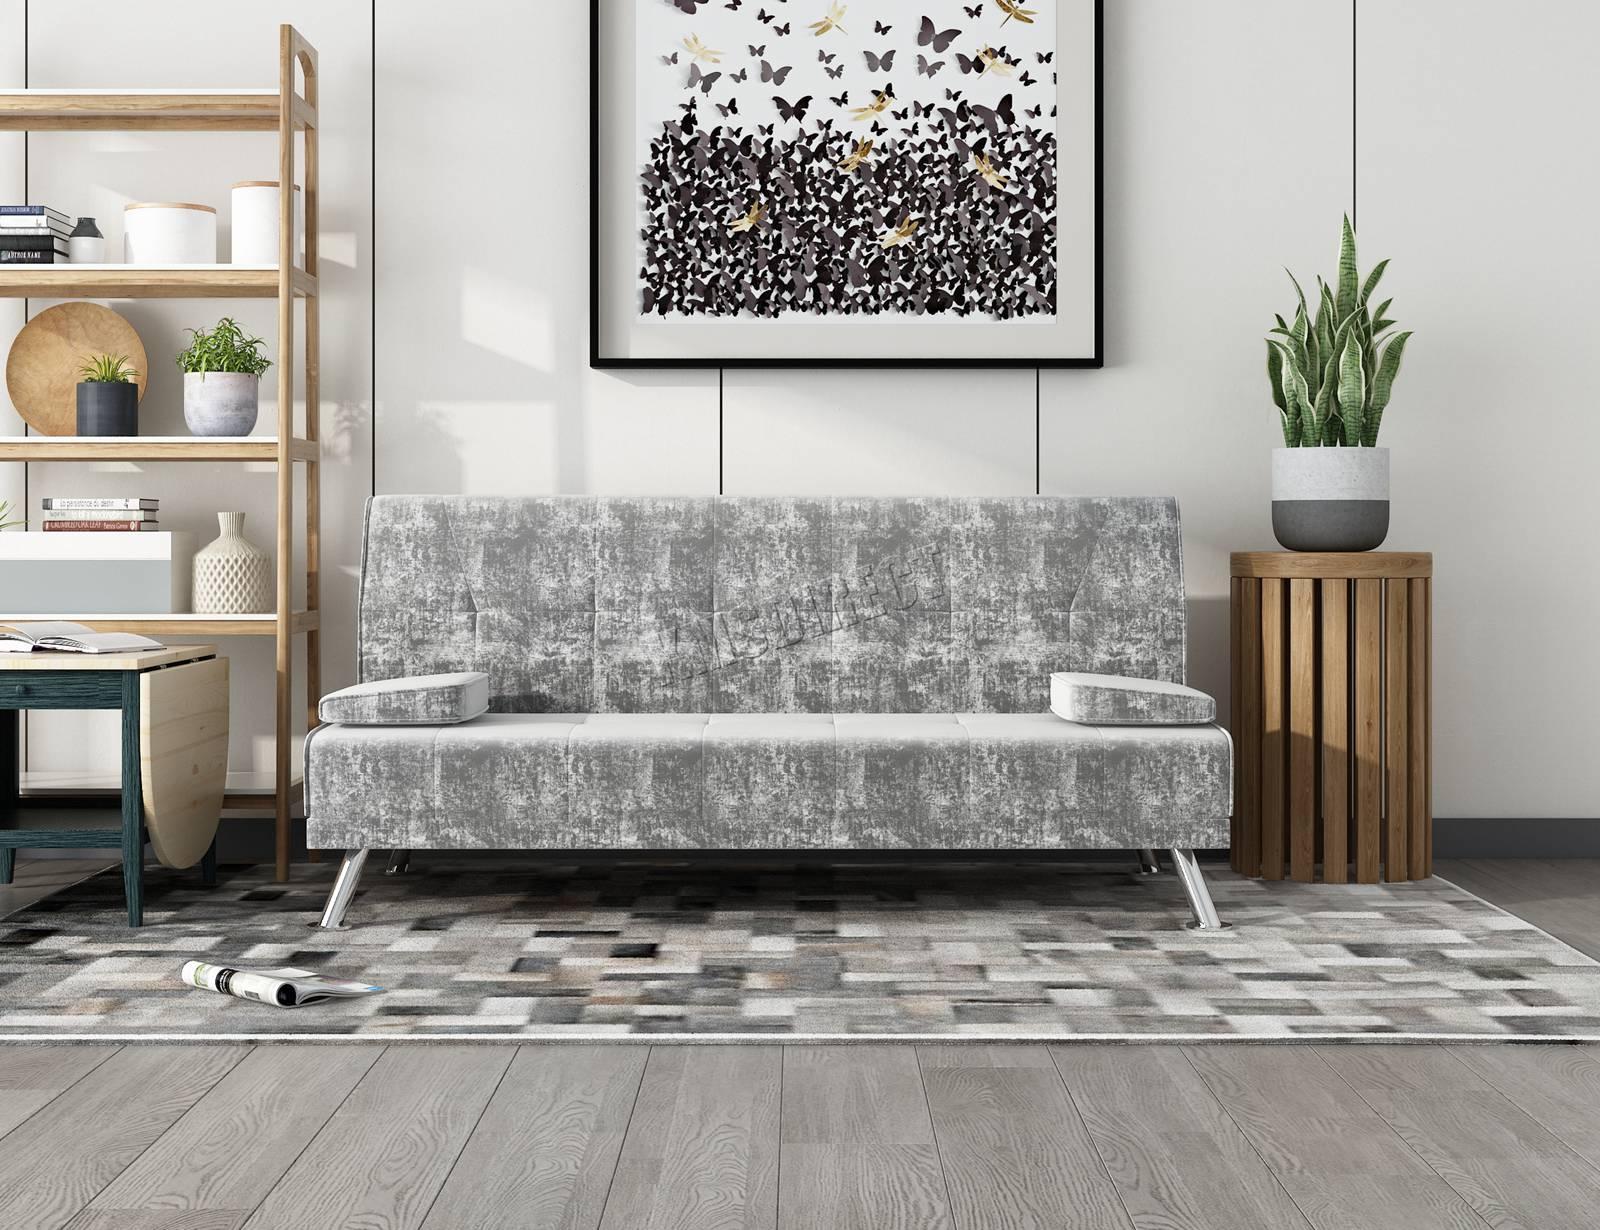 Sur Design Tissu Fauteuil Moderne Gros Luxe Westwood Lit Sofa Détails 3 Inclinable Places ZOiPkXu